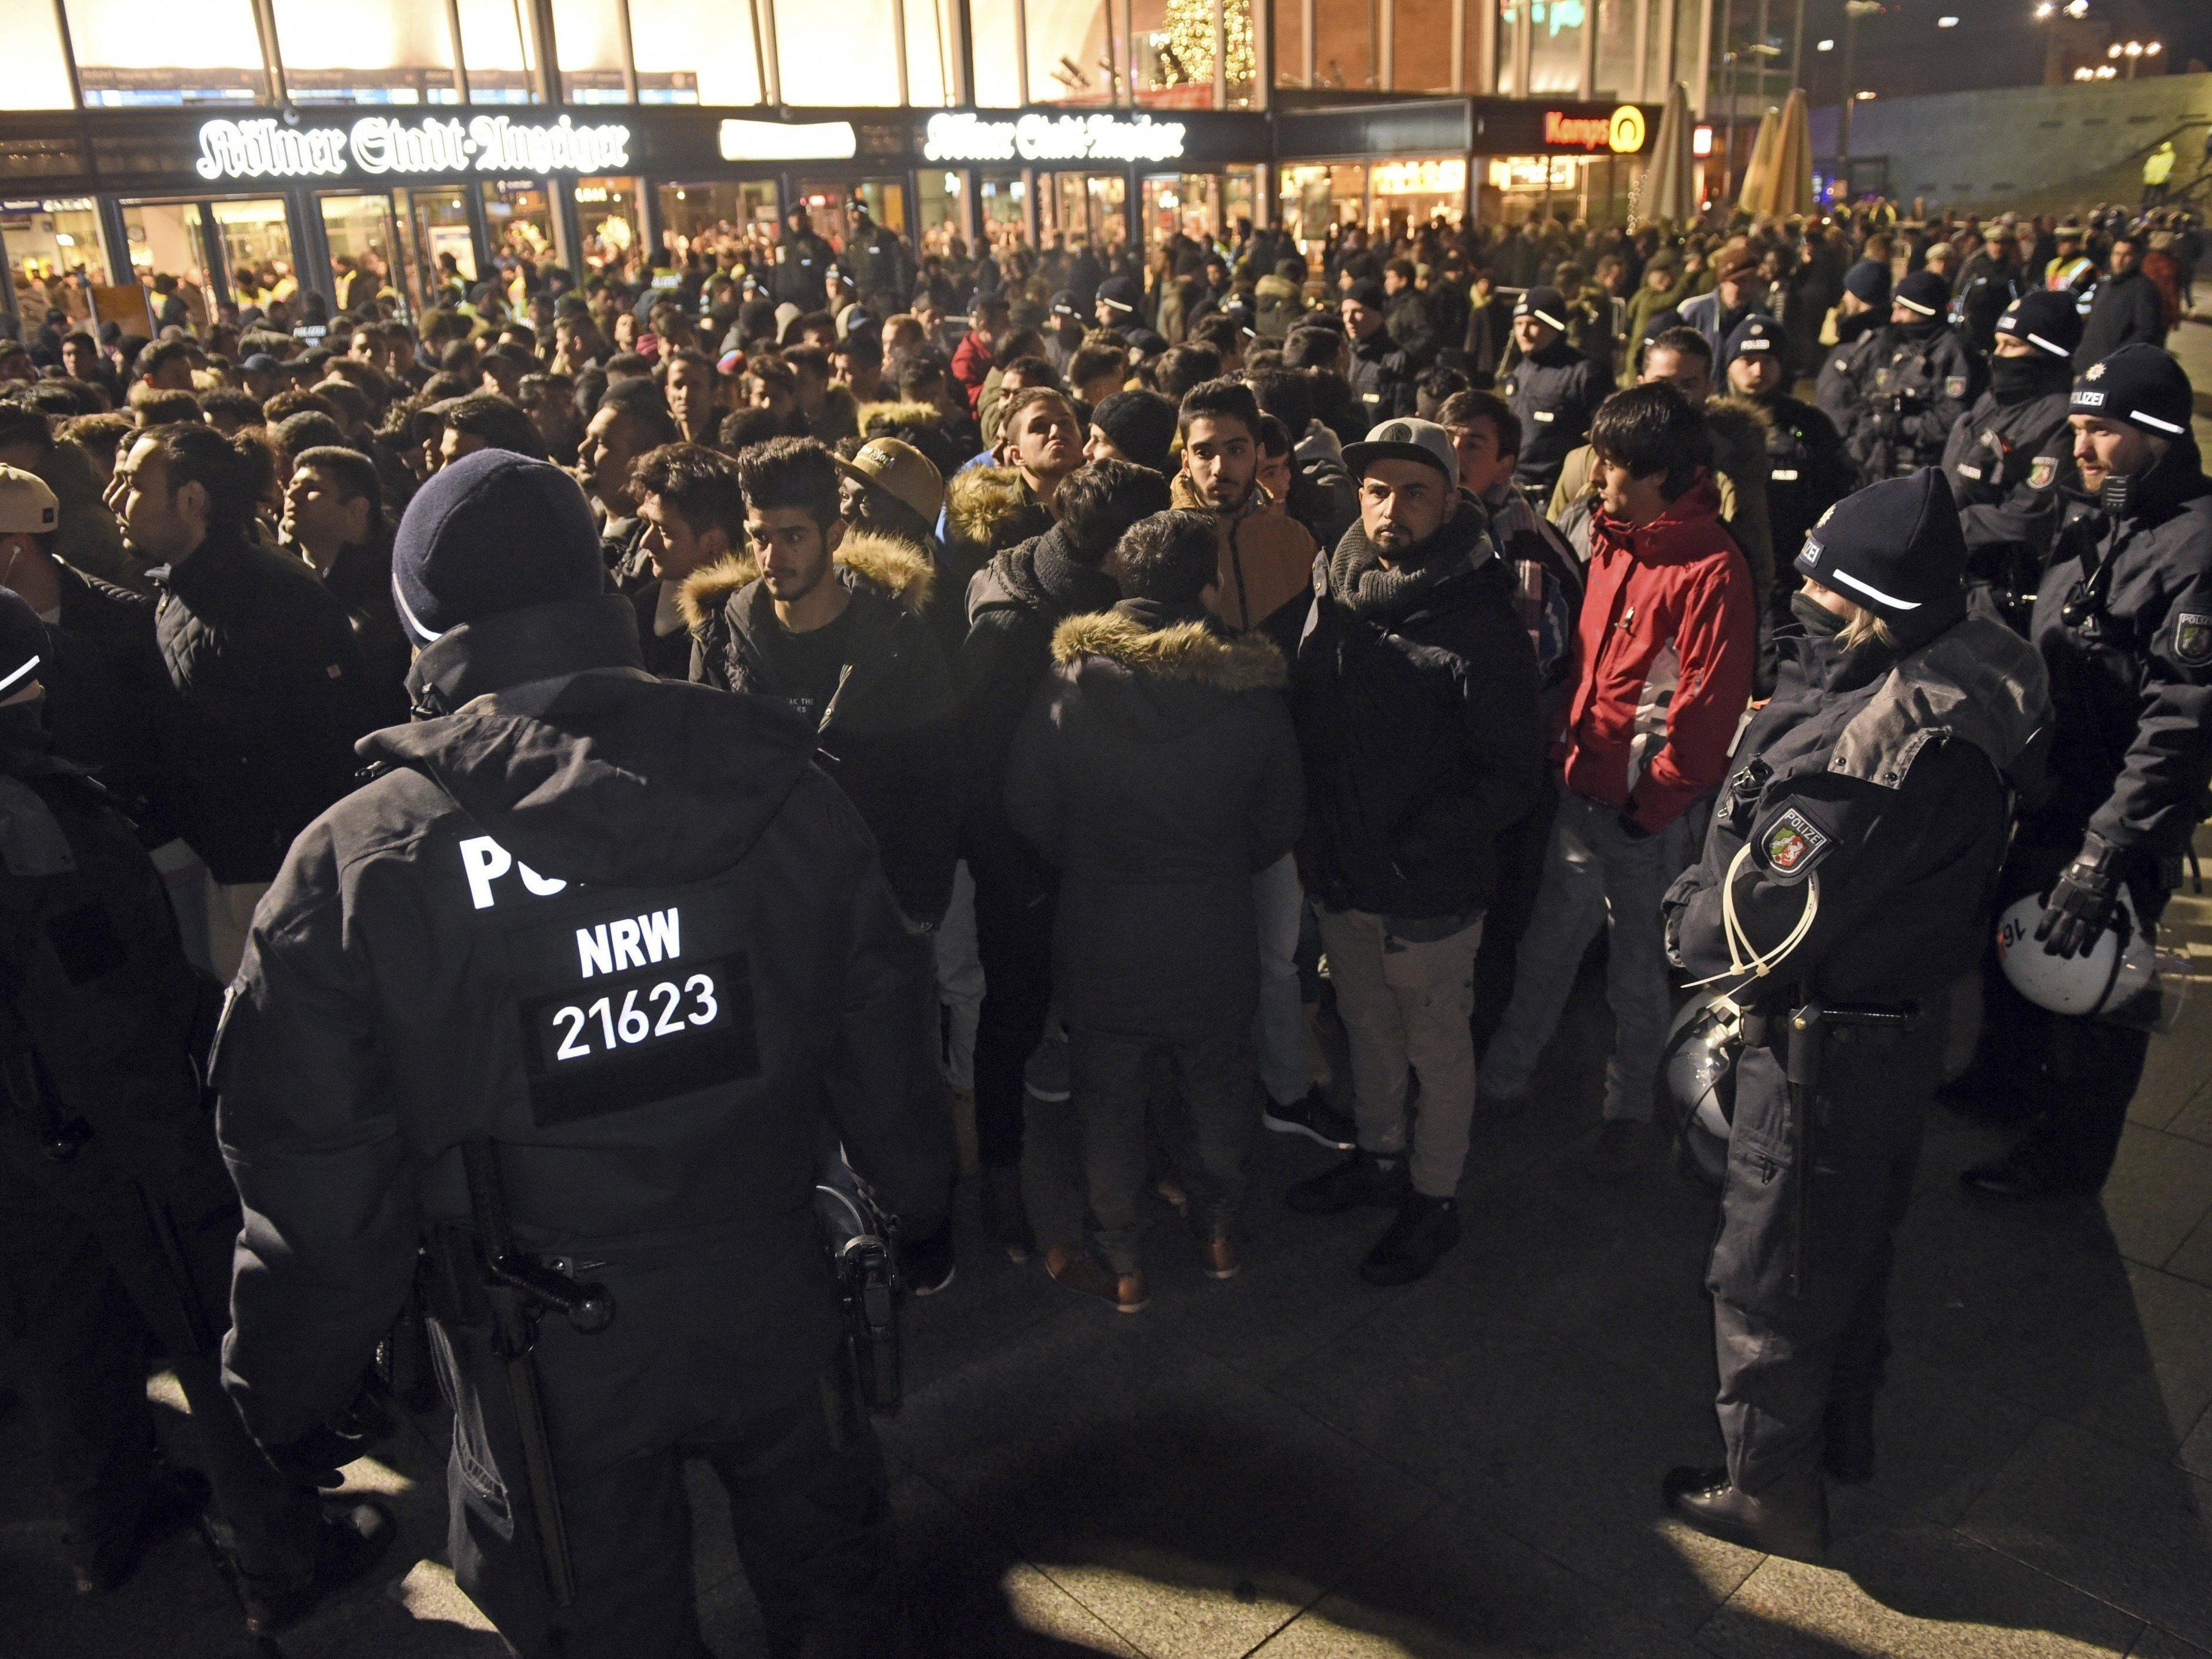 Die Polizei umstellt in der Silvesternacht in Köln eine Gruppe Männer.